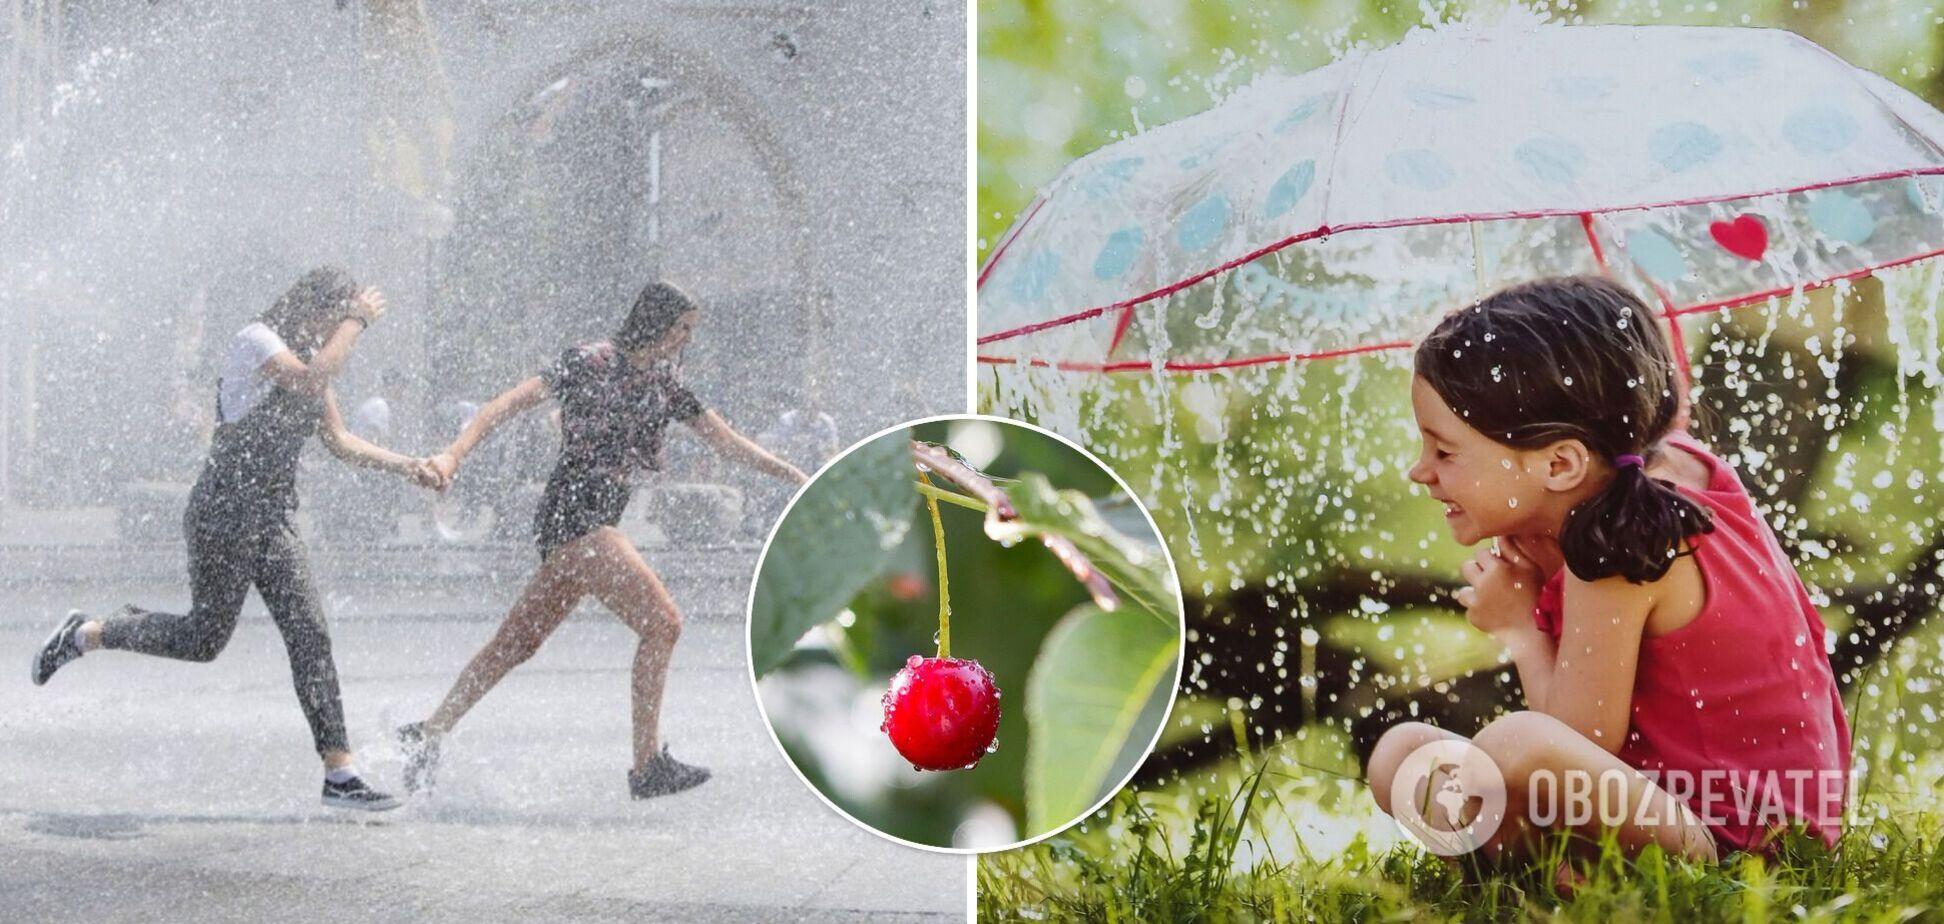 Погода в Украине 6 июля принесет грозовые дожди, синоптики предупредили о шквалах и граде